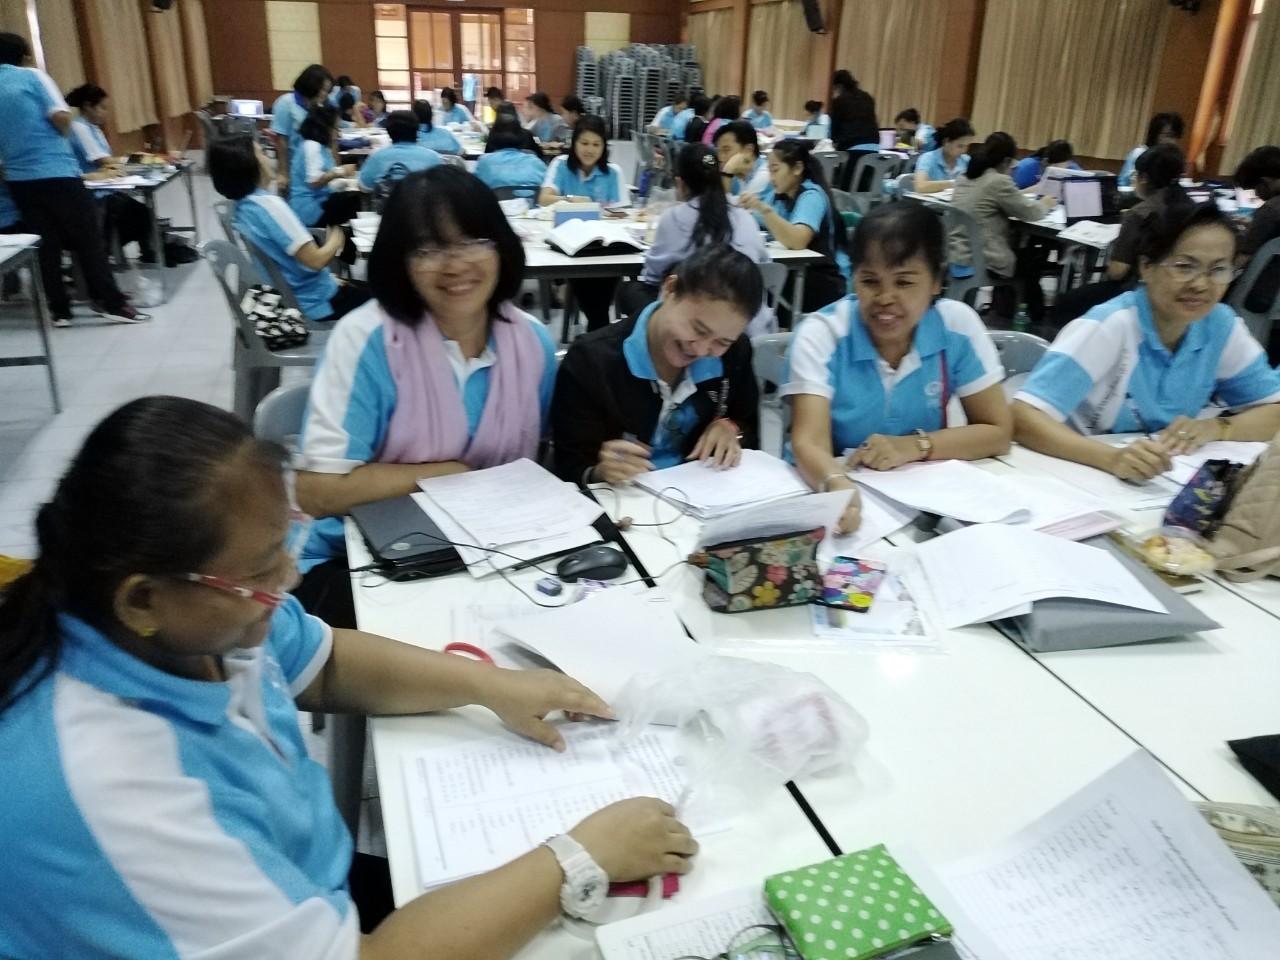 คณะครูร่วมสร้างและวิเคราะห์แบบทดสอบ ภาคเรียนที่ 2/2562